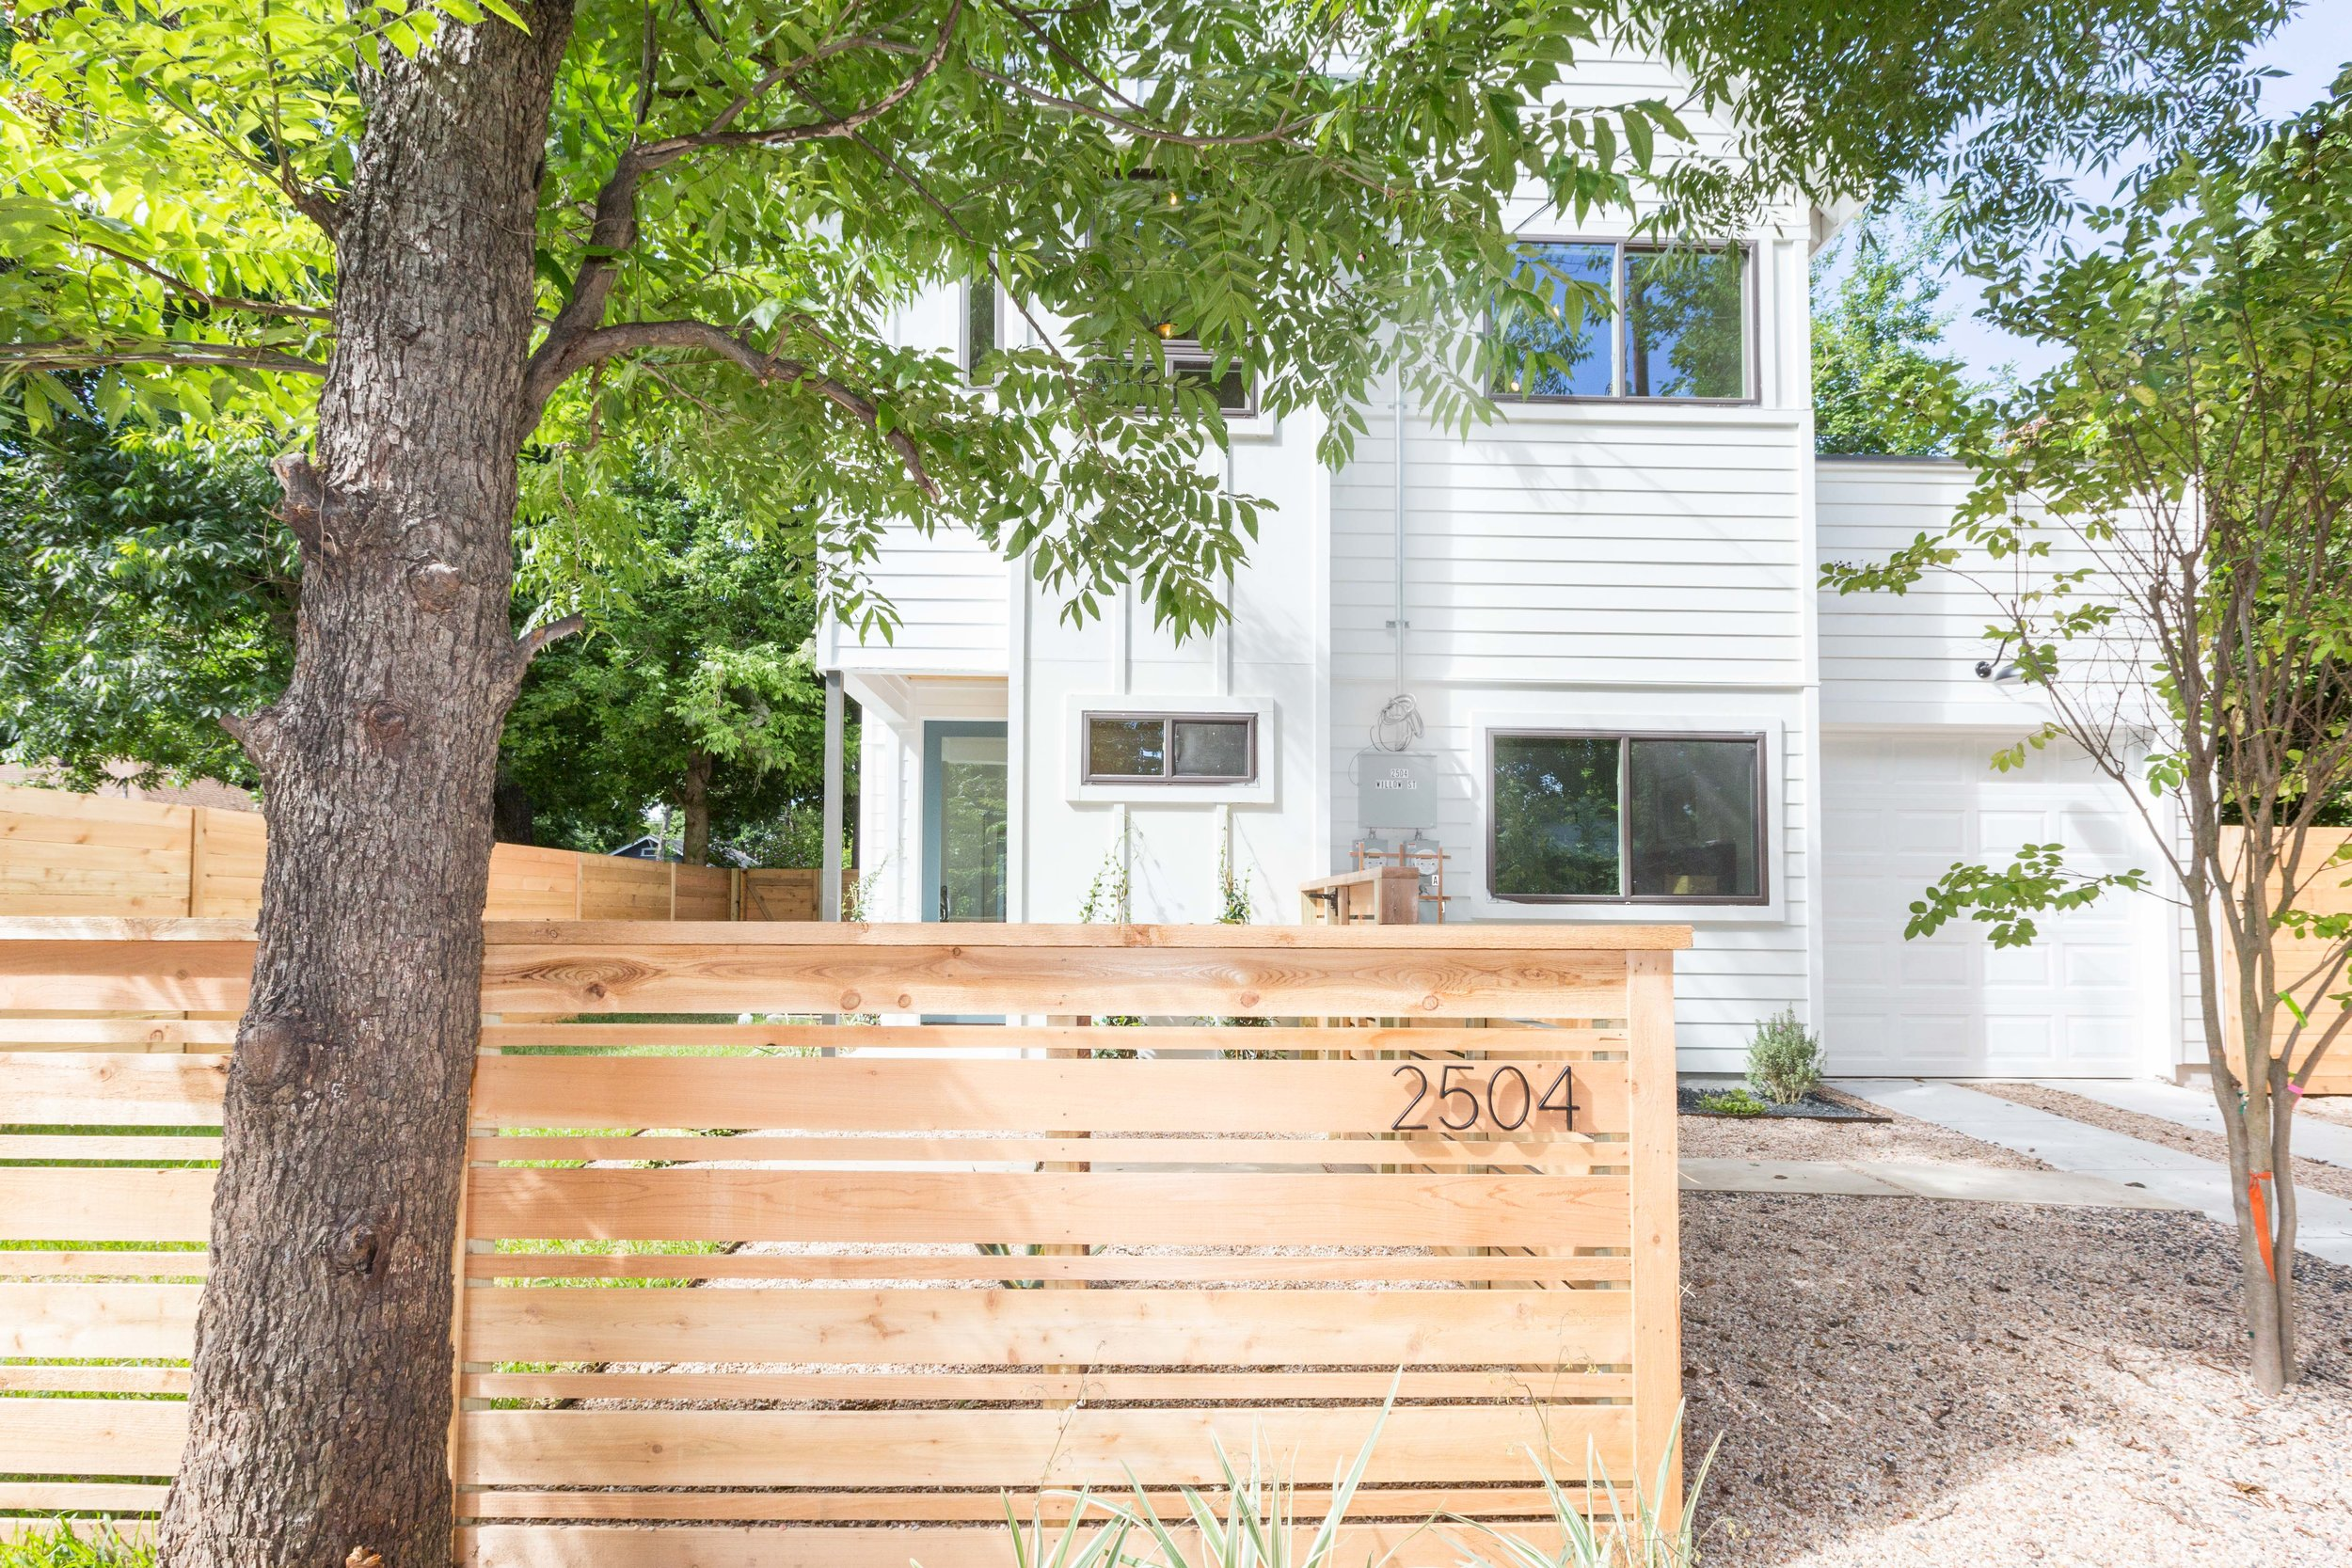 2504_WillowB_-_East_Austin_Alley_House_Modern_Cottage-9917[1].jpg